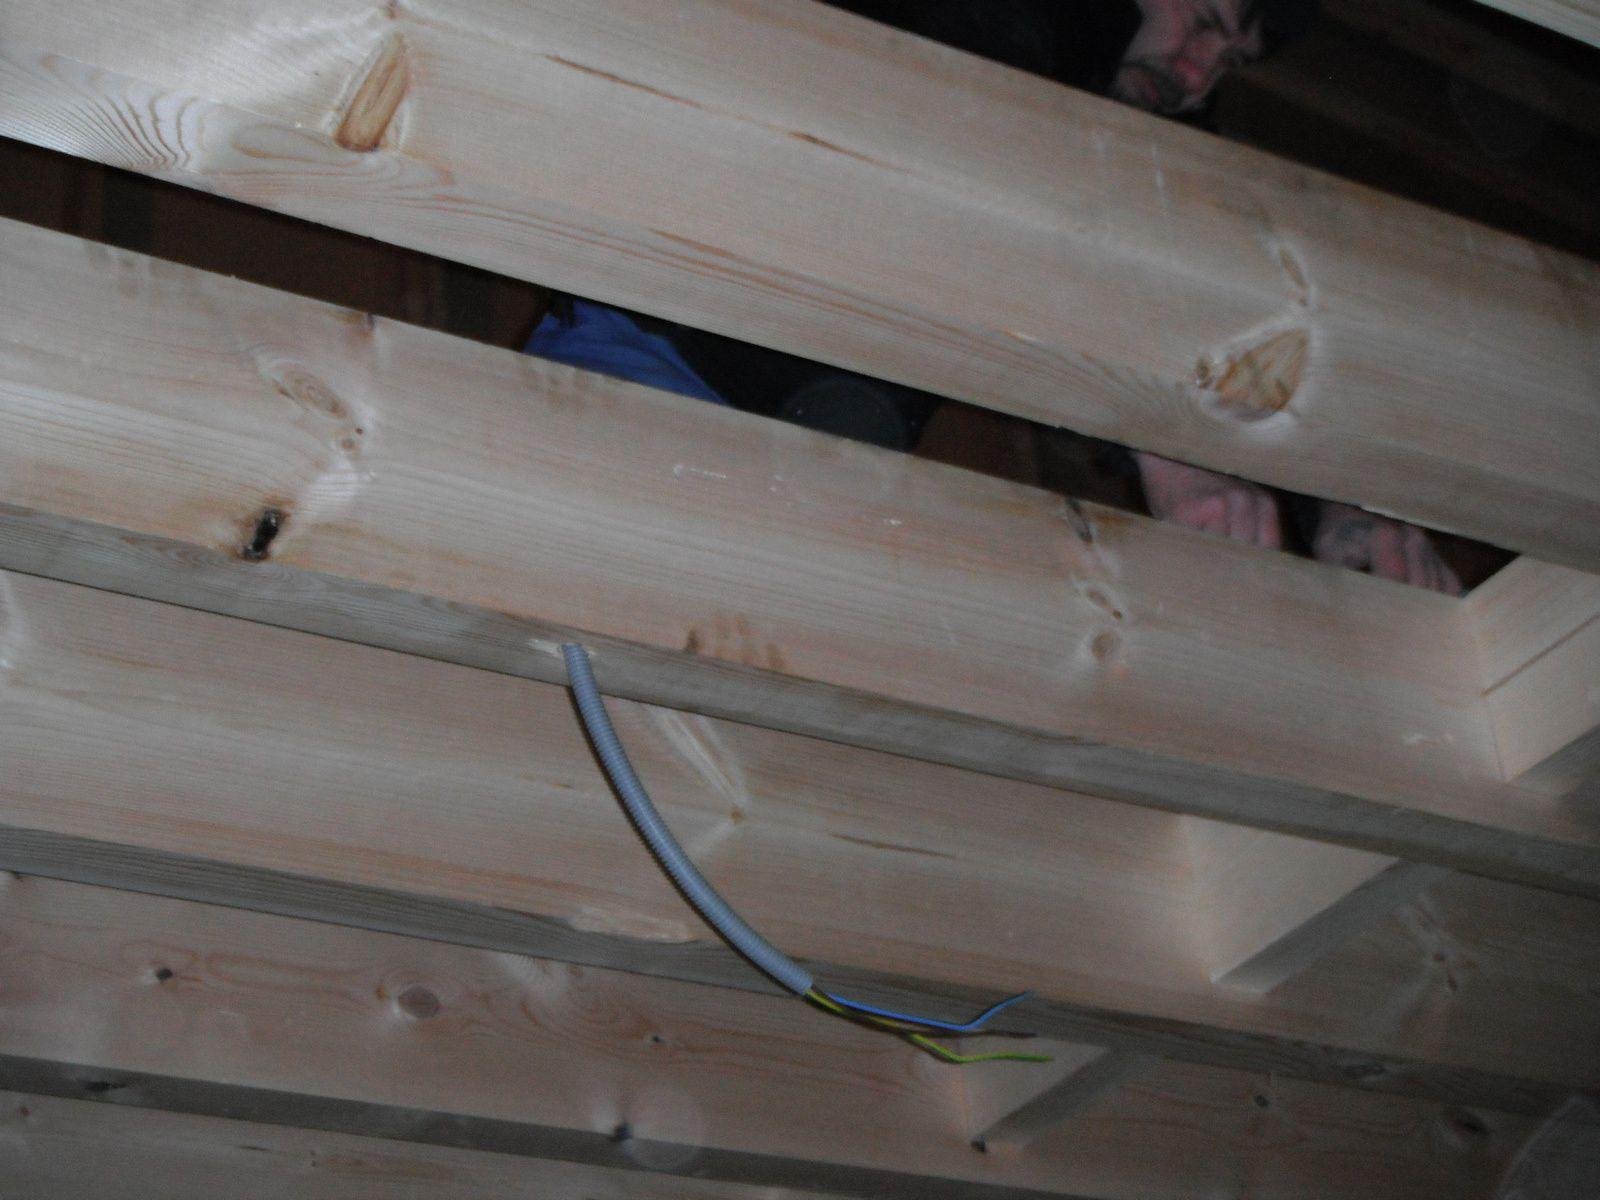 Tirage de c bles autoconstruction monceau - Tirage de cable ...